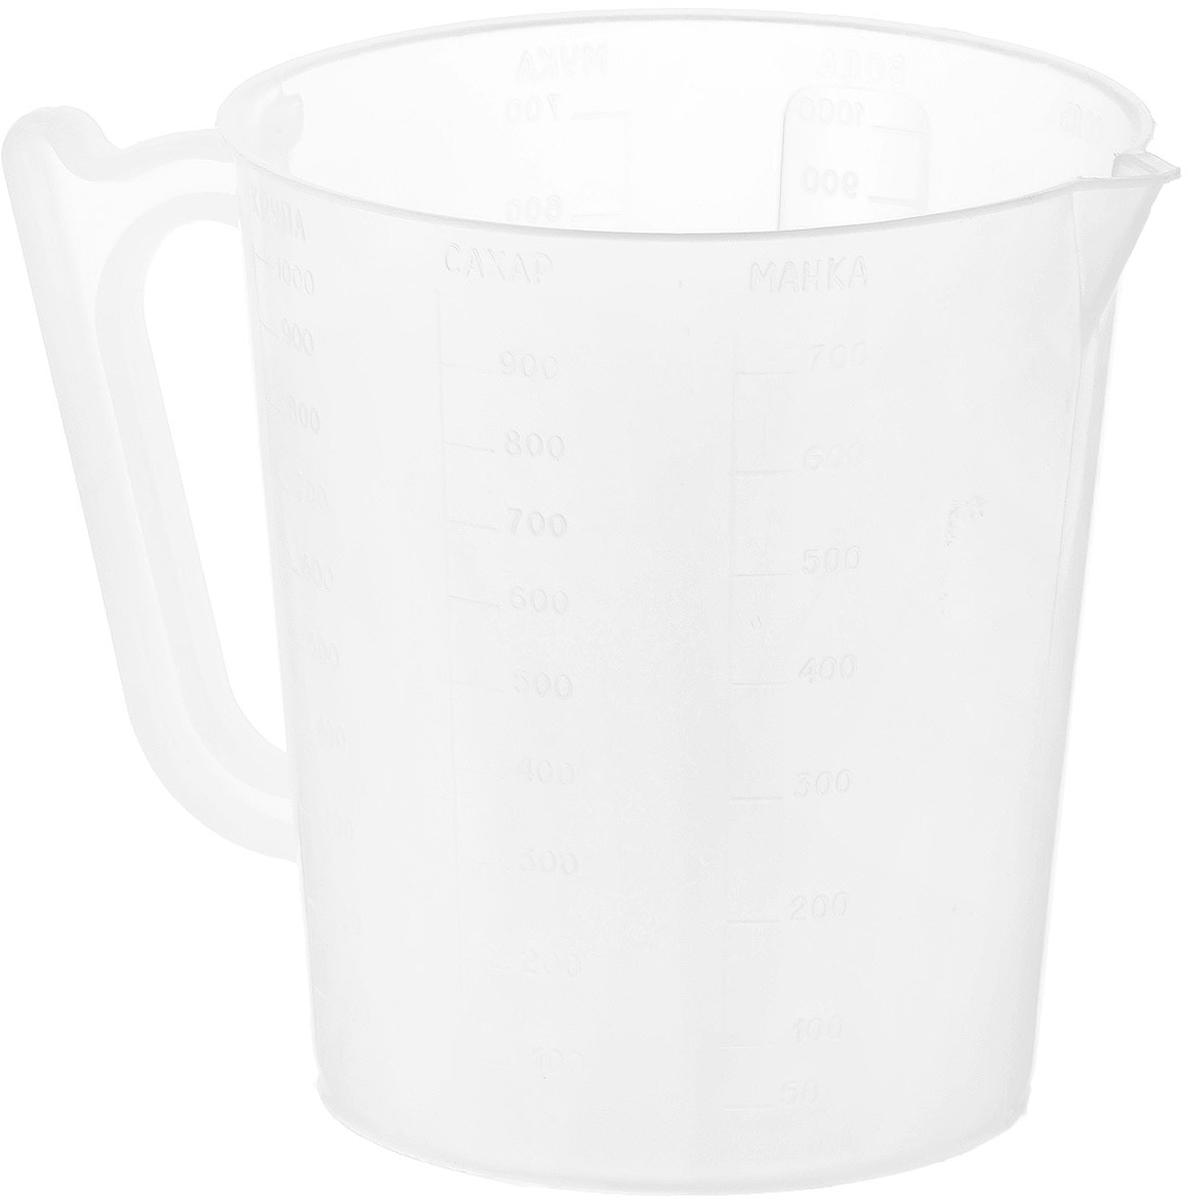 Мерный стакан Хозяюшка Мила, 1 л36014Мерный стакан Хозяюшка Мила, выполненный из плотного полипропилена, станет незаменимым аксессуаром на вашей кухне, ведь зачастую для приготовления блюд необходима точность. Стакан имеет удобную ручку и носик, которые делают изделие еще более простым в использовании. Стакан позволяет мерить жидкости до 1000 мл. Диаметр стакана по верхнему краю: 12 см. Высота стакана: 13,5 см. Не рекомендуется мыть стакан в посудомоечной машине.